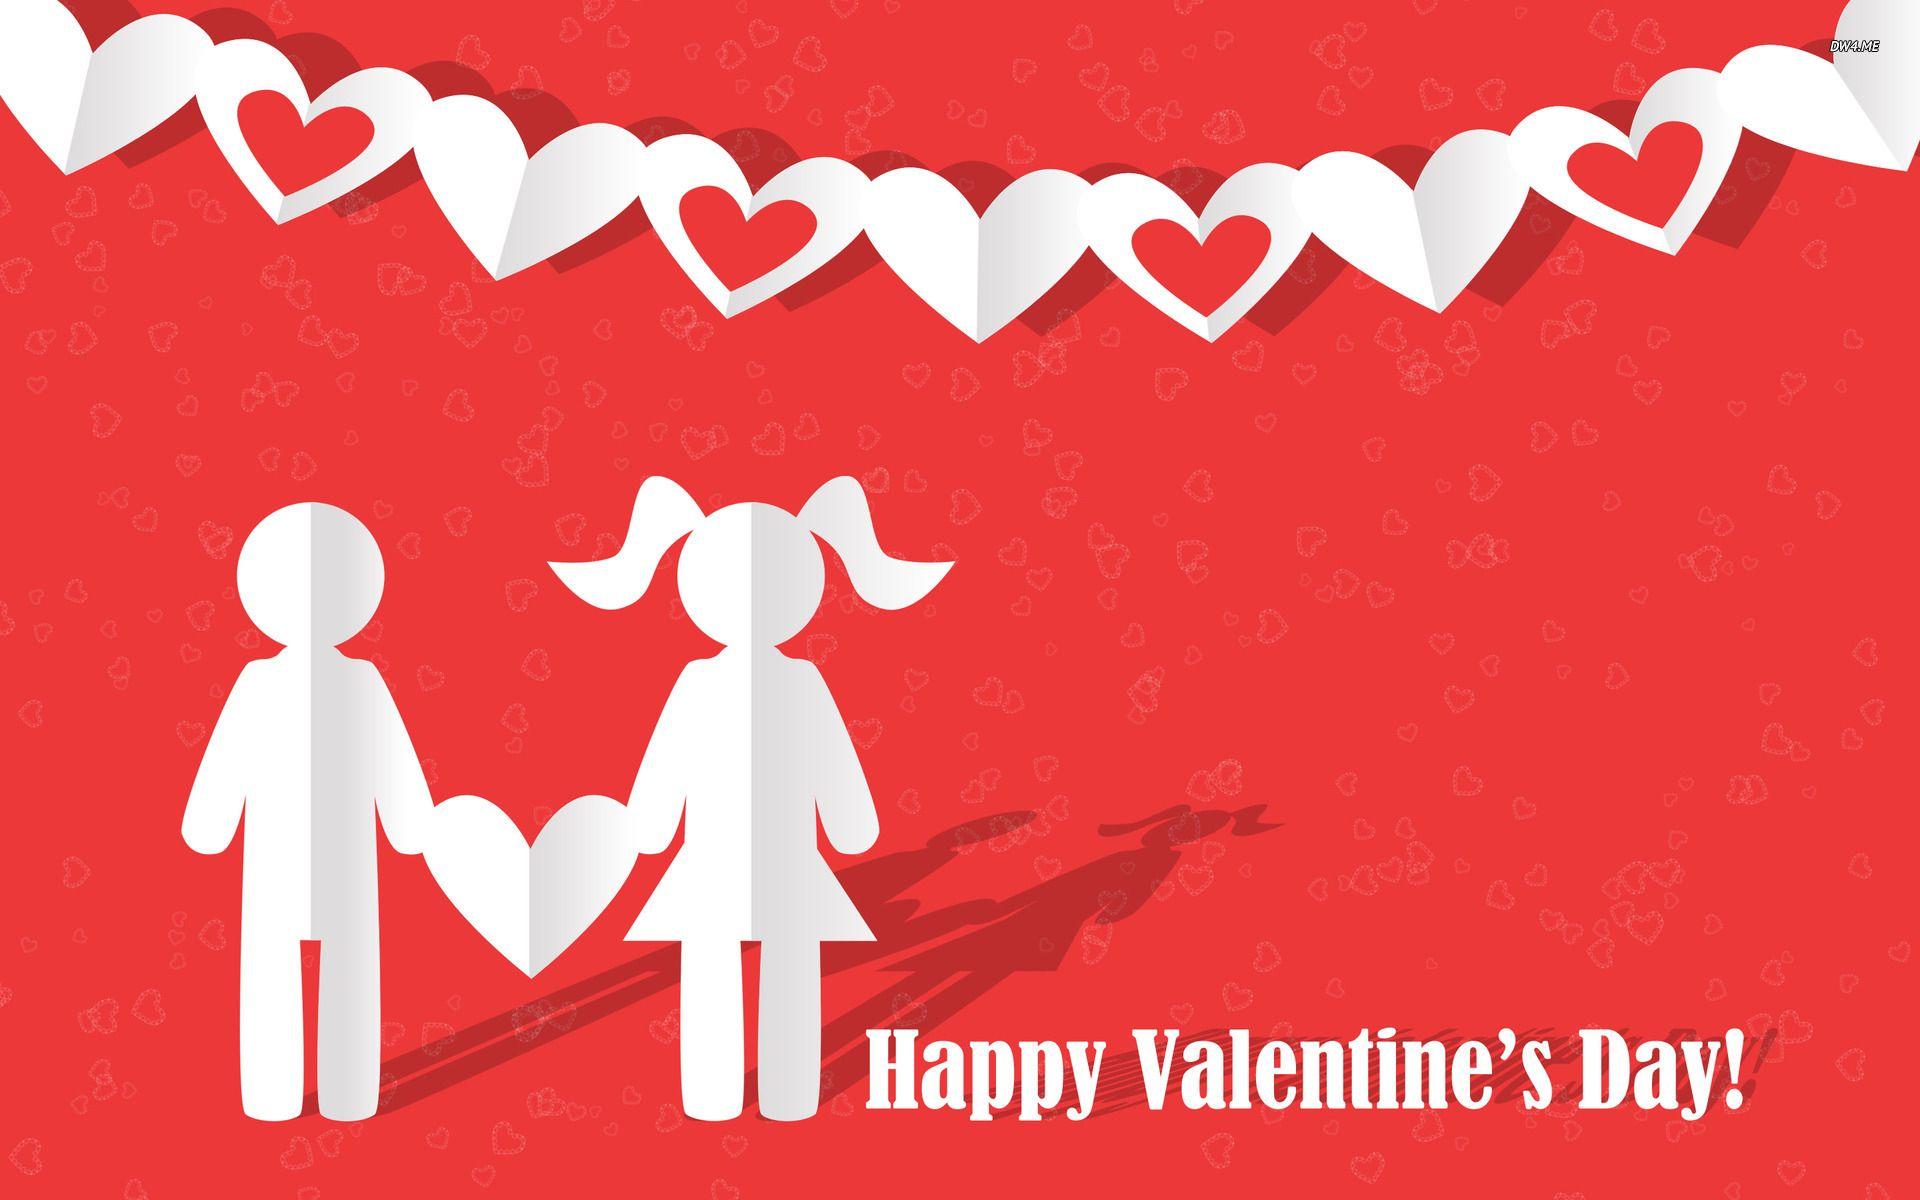 Happy Valentine S Day Wallpaper Valentines Wallpaper Happy Valentines Day Valentines Day Holiday